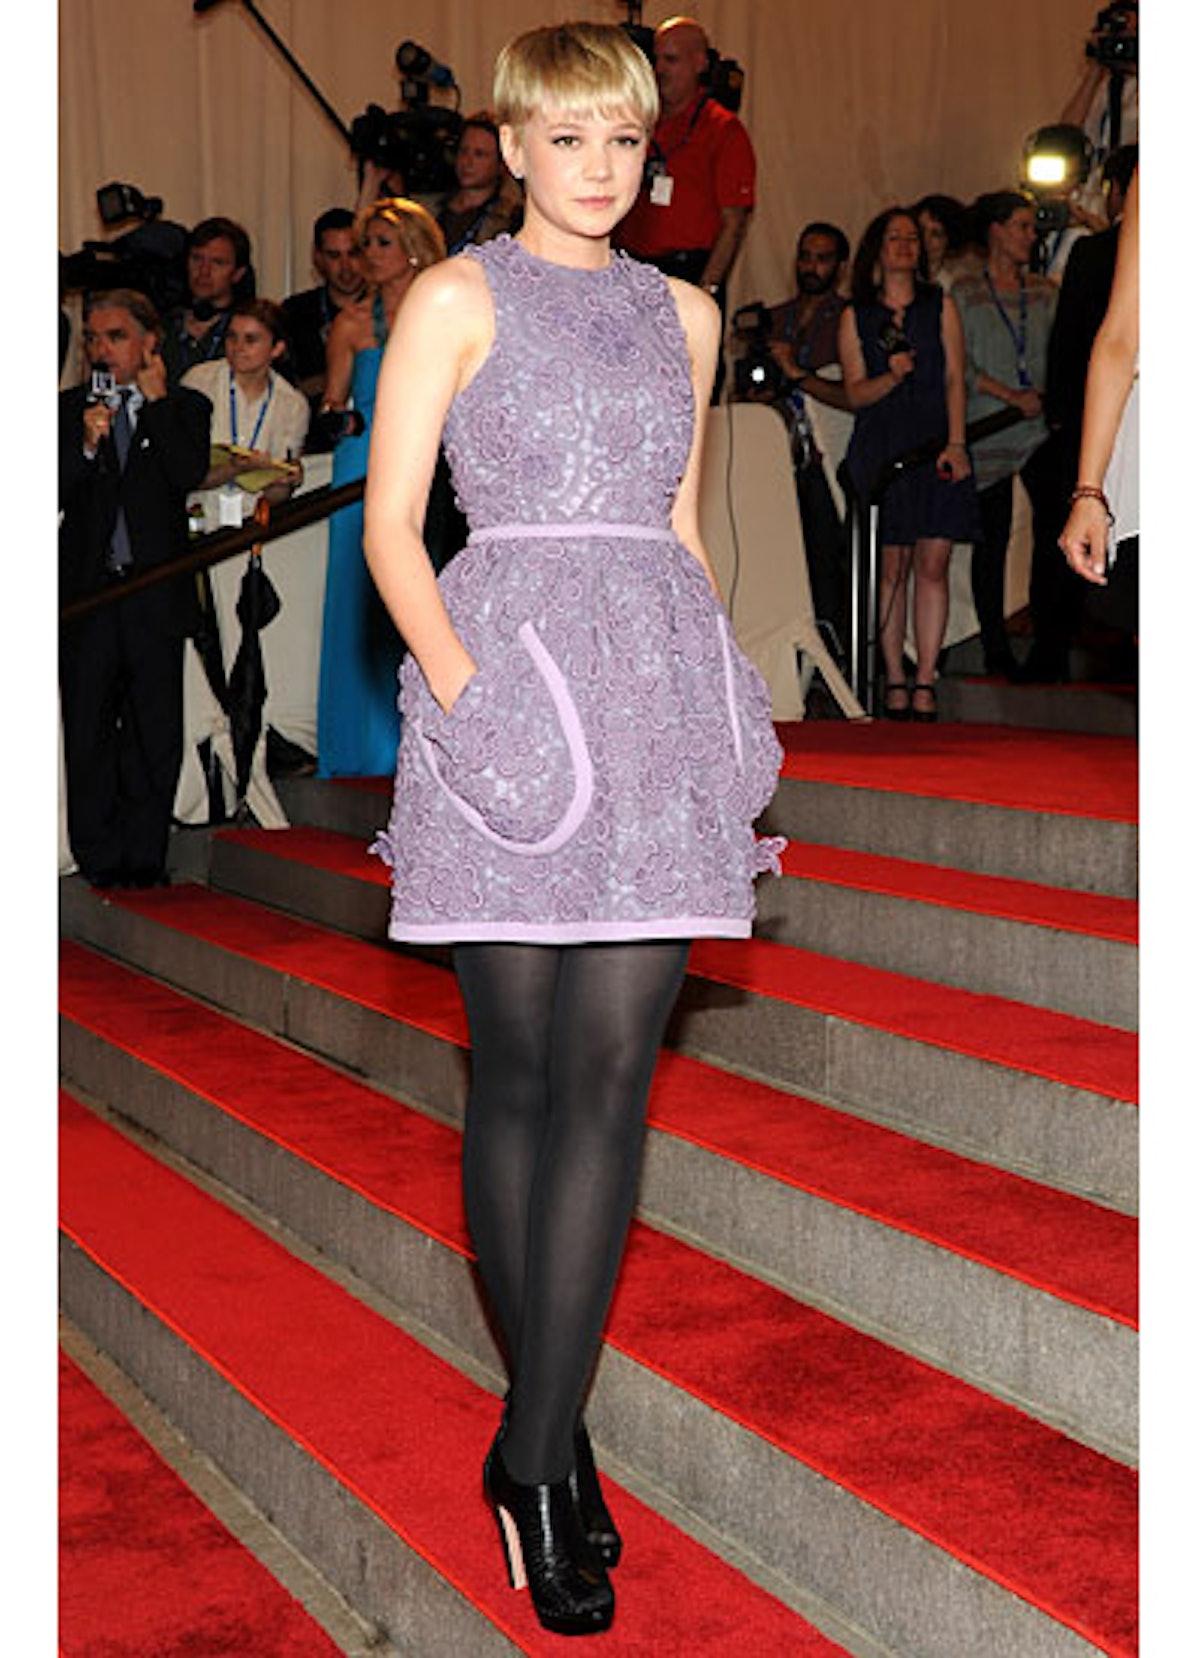 cess-carey-mulligan-fashion-06-v.jpg